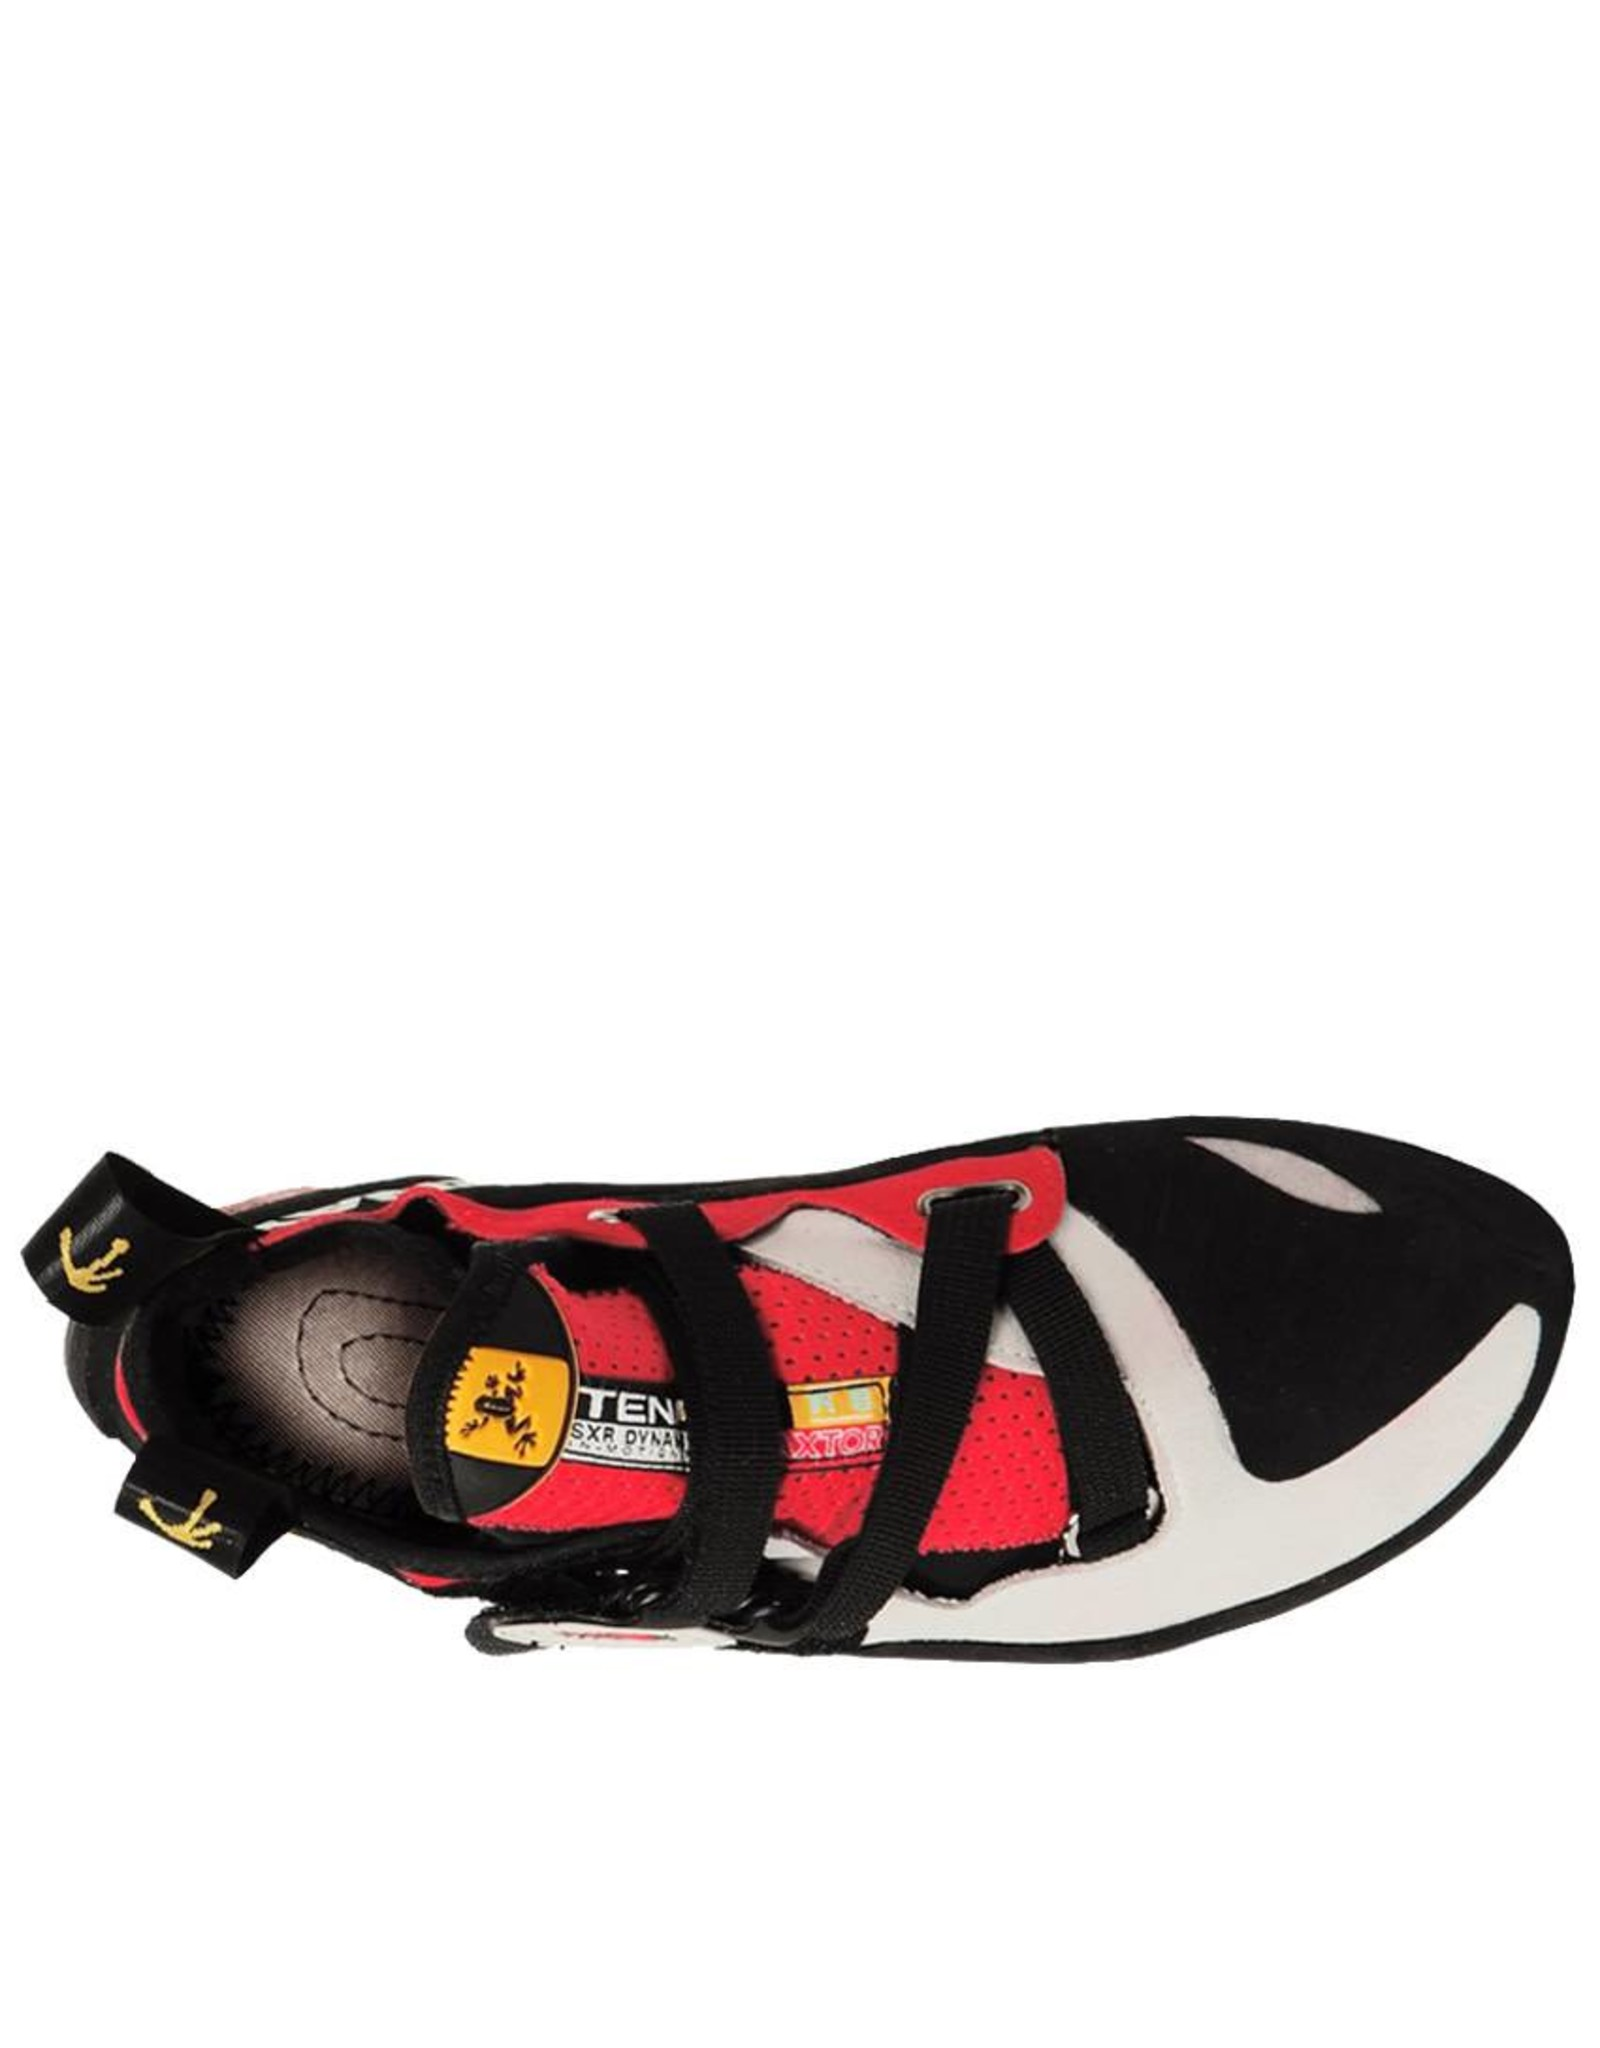 Tenaya Tenaya Iati Climbing Shoe - Unisex